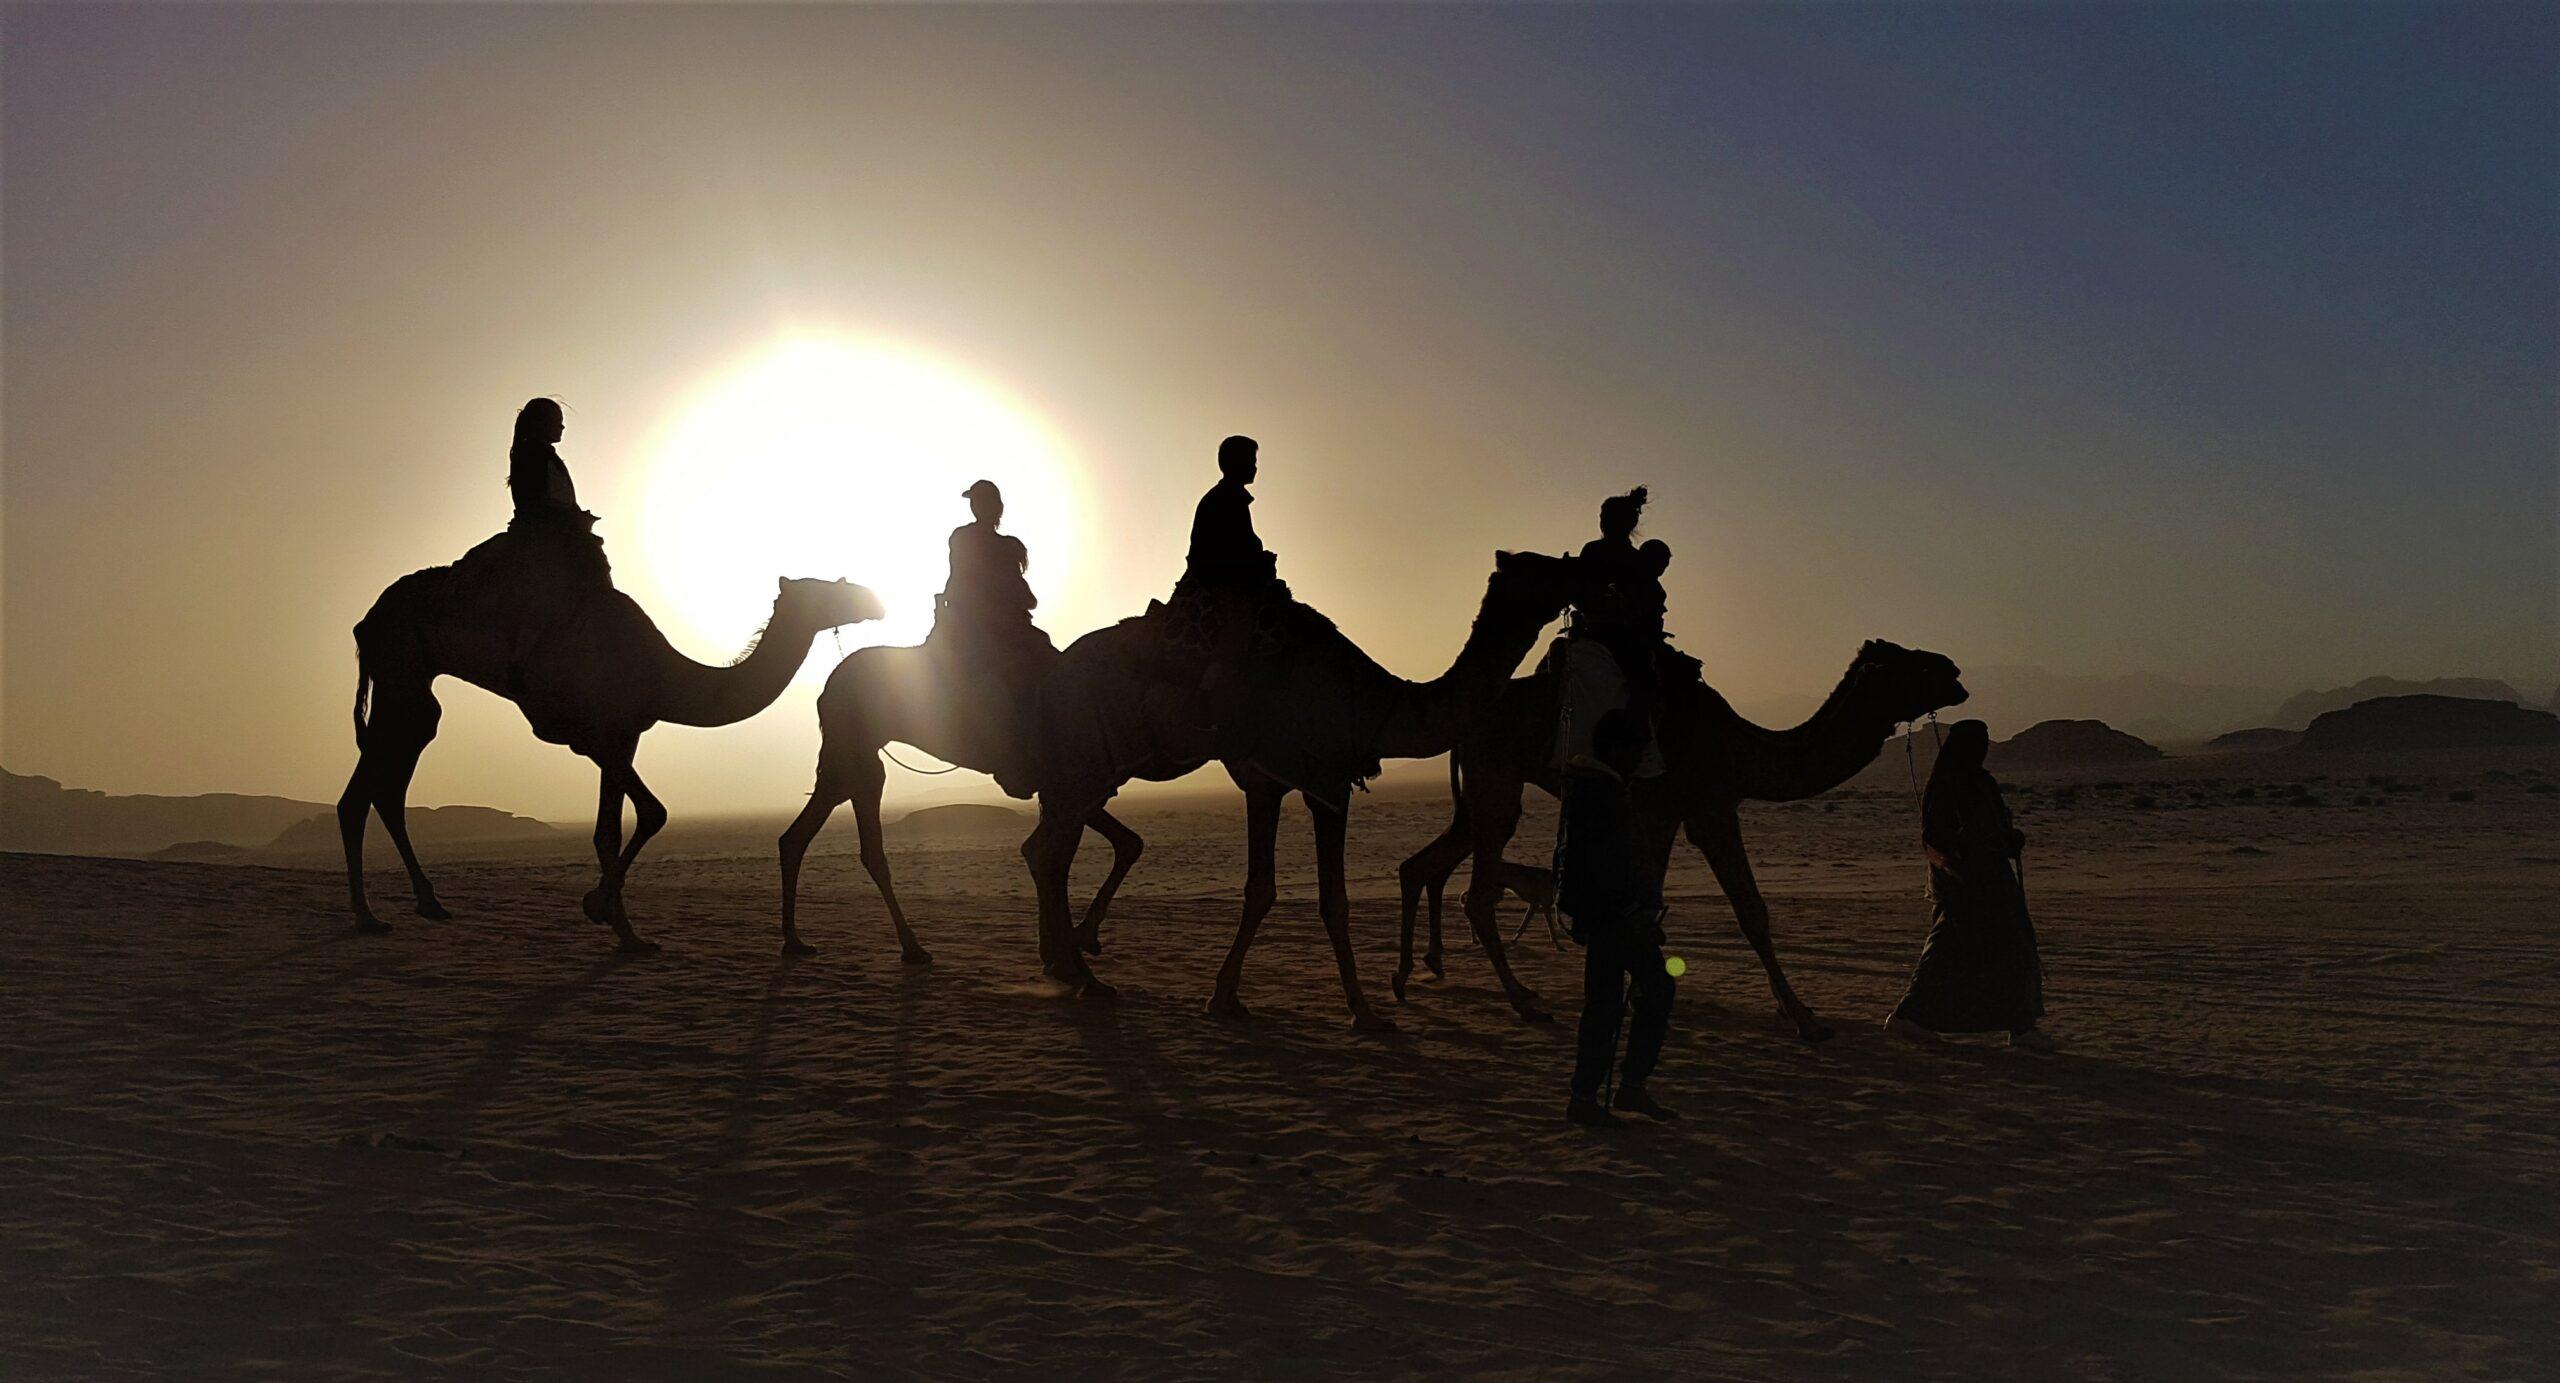 promenade desert